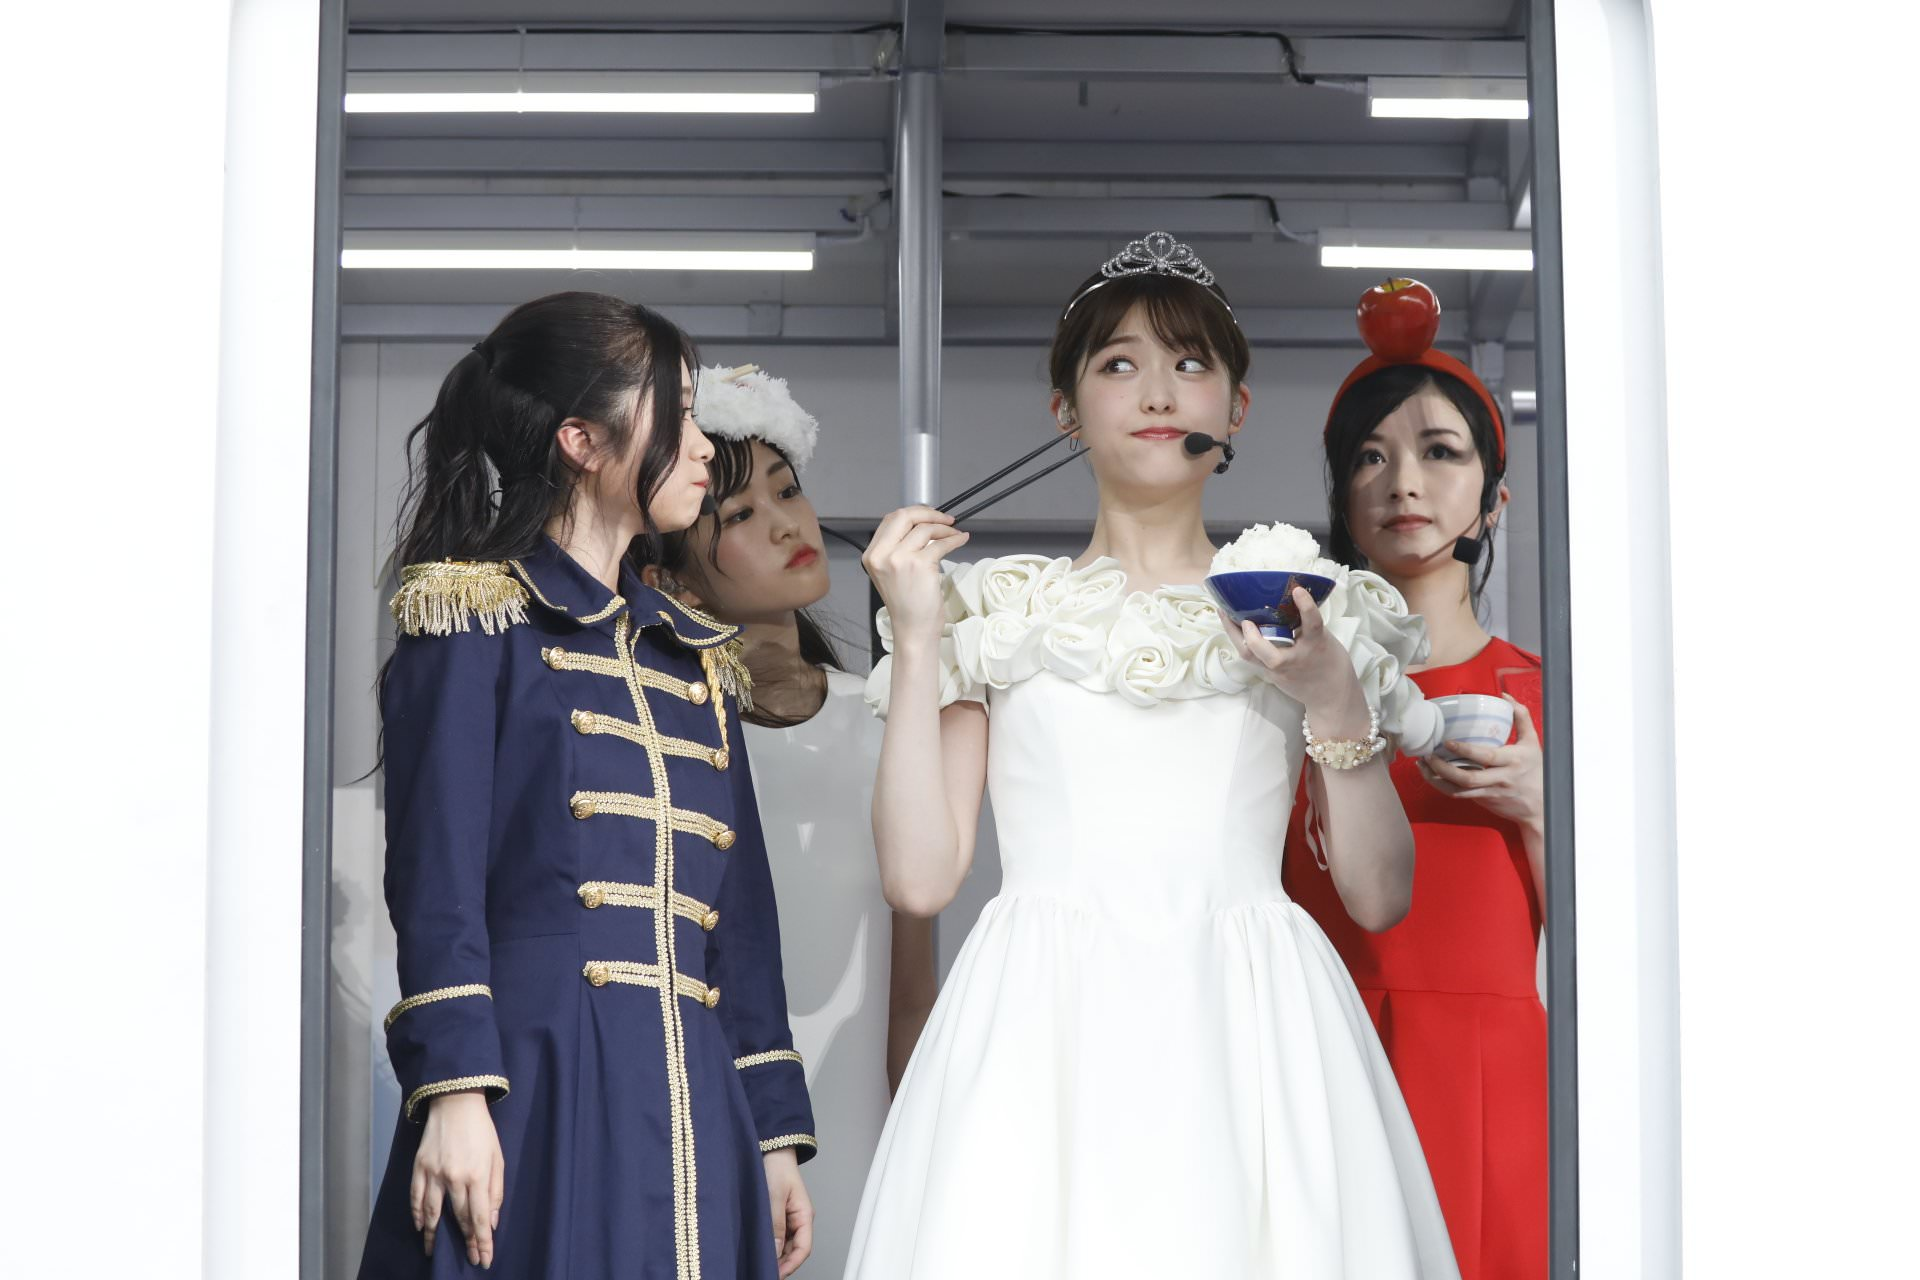 松村沙友理プロデュース「命の真実~ミュージカル『林檎売りと白米』」